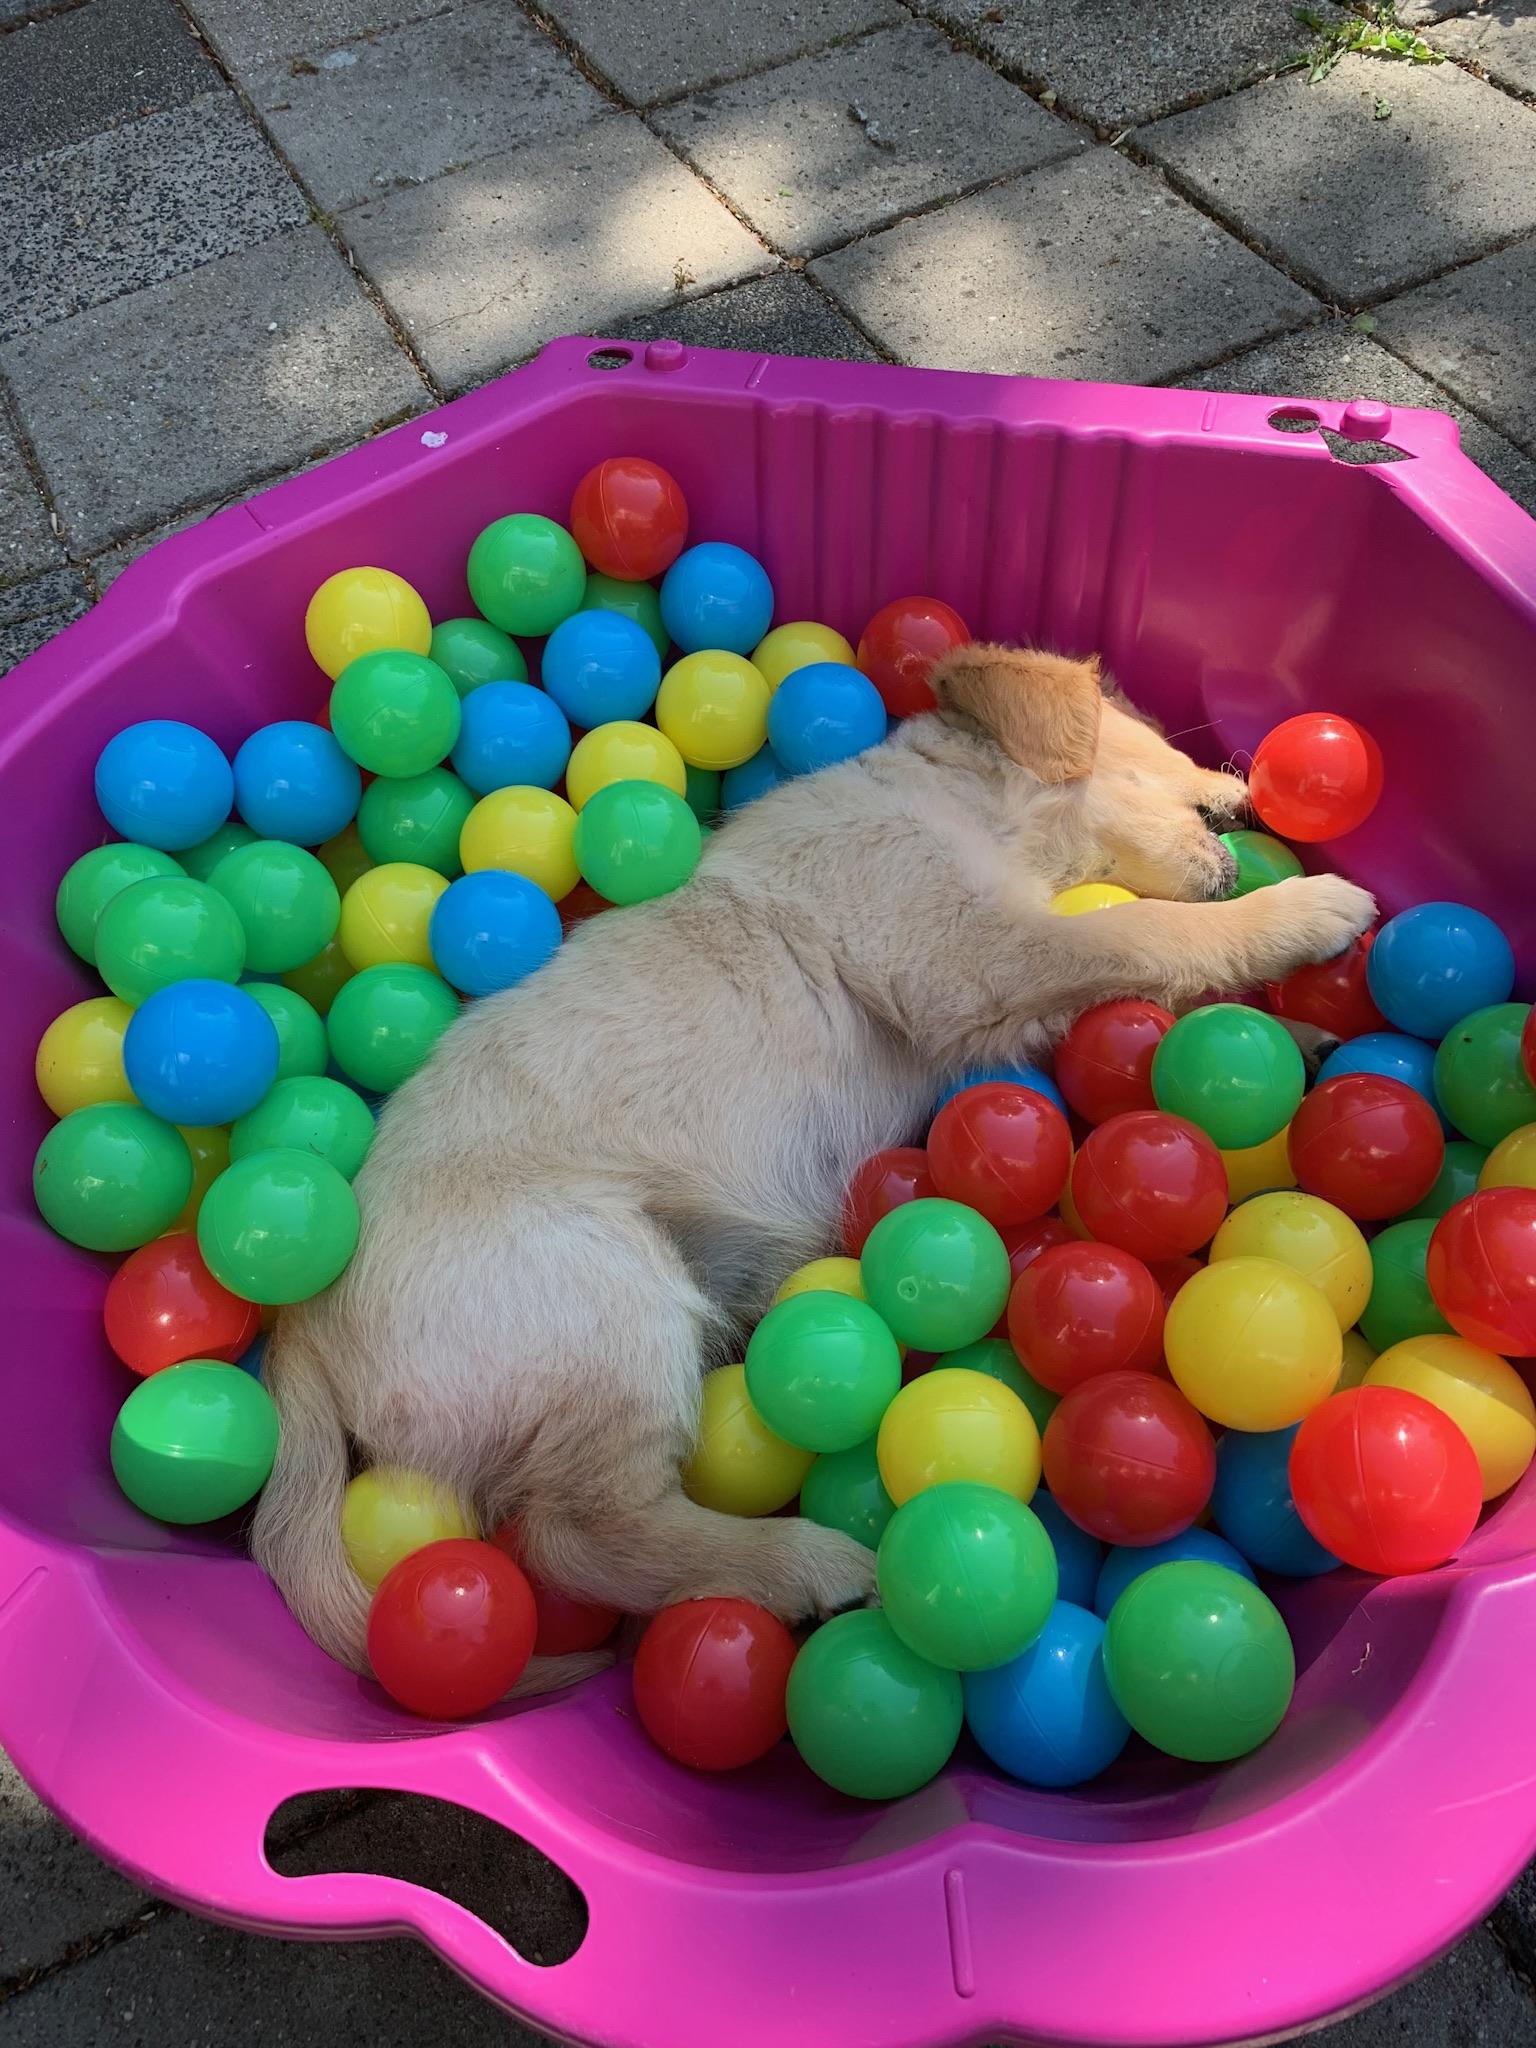 Slapen in de ballenbak